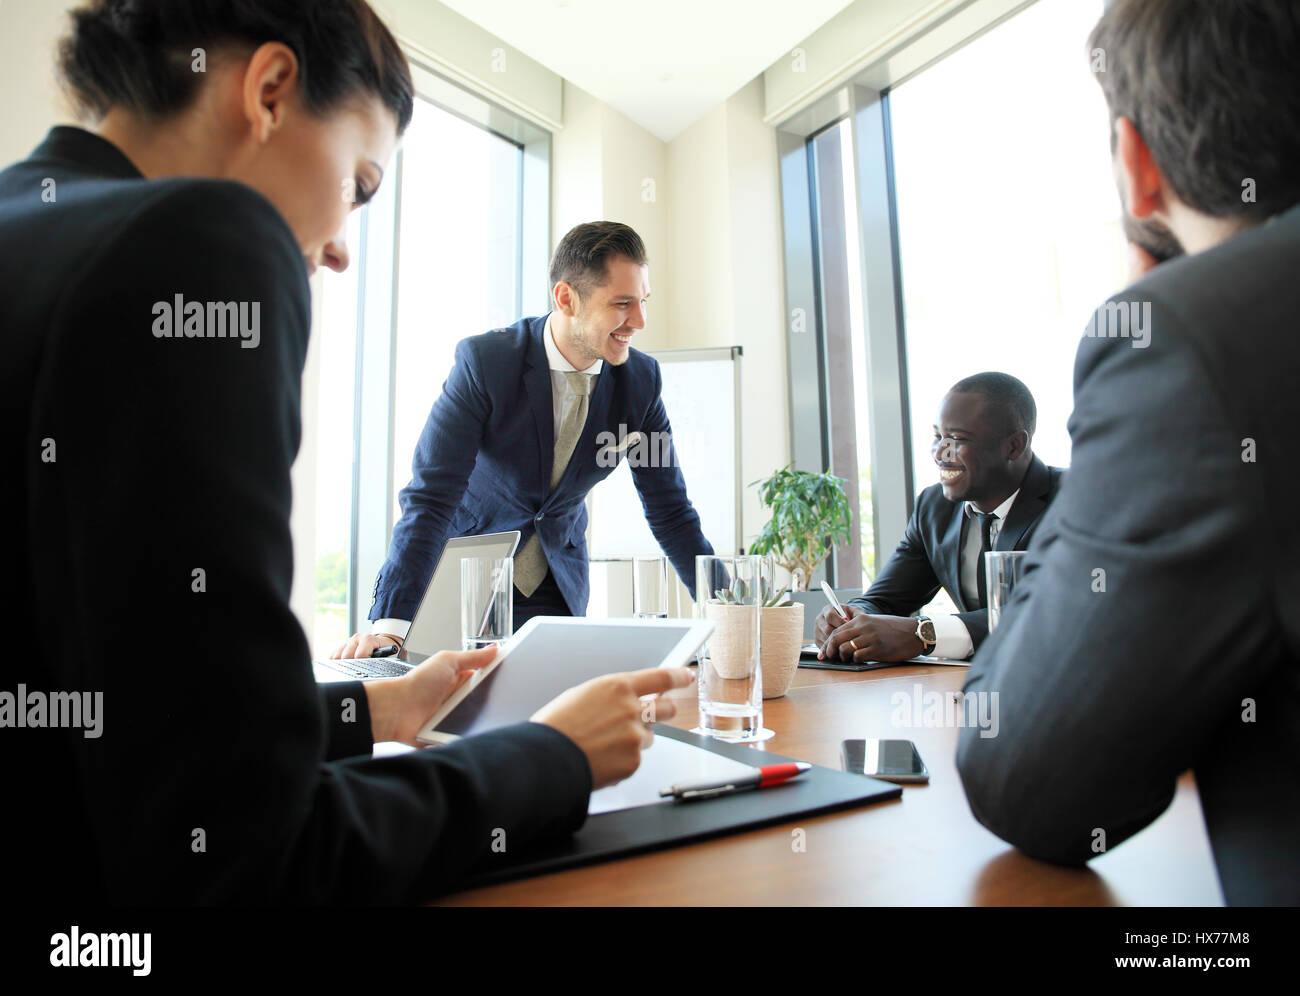 Gli imprenditori e la gente di affari conferenza nella moderna sala riunioni. Immagini Stock